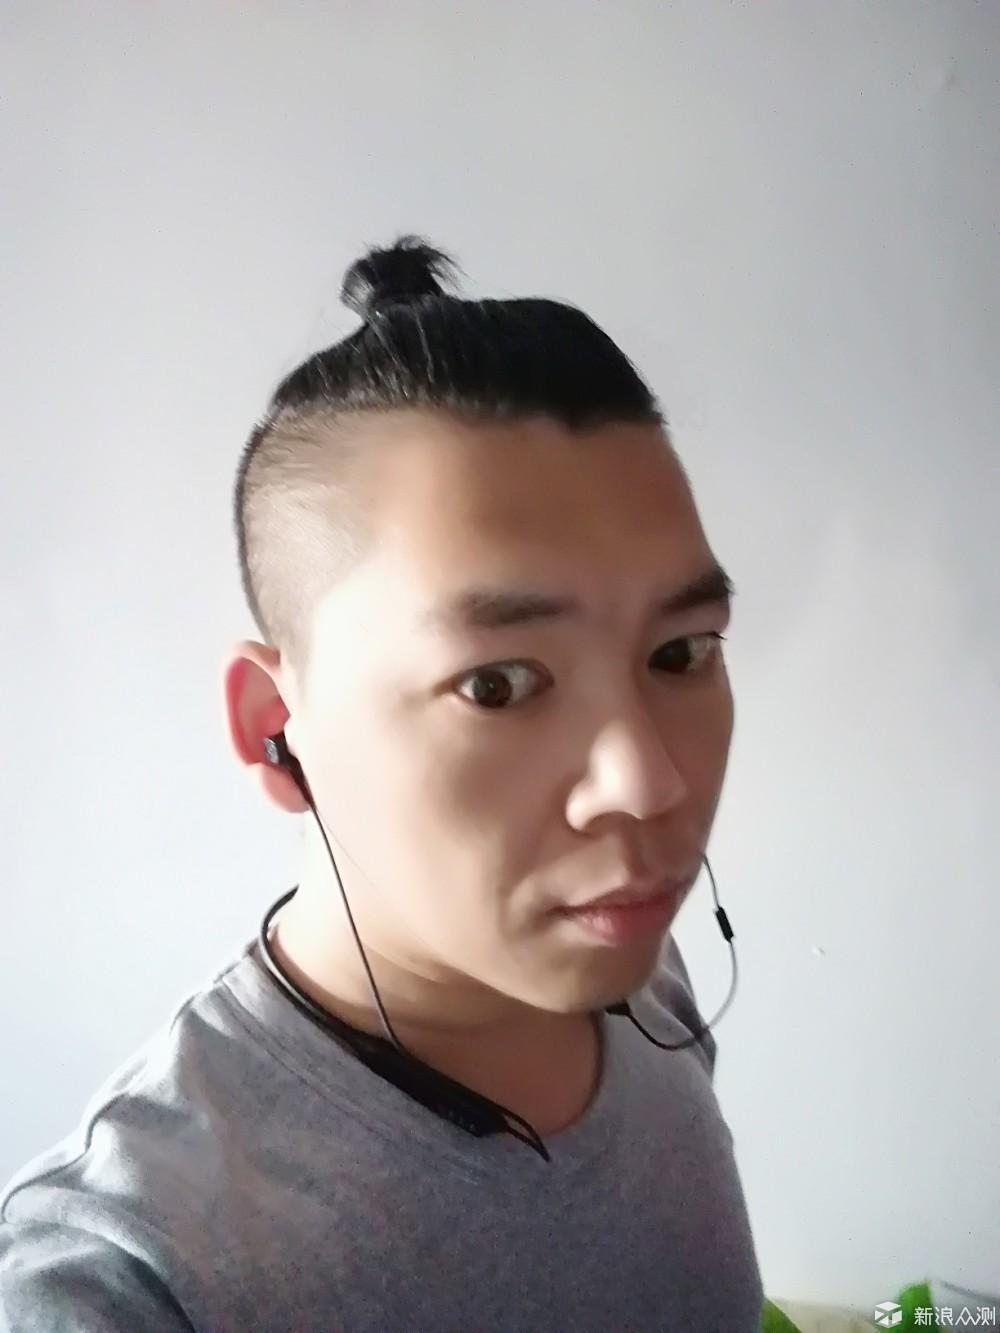 FIIL随身星蓝牙耳机——可穿戴的音乐现场_新浪众测